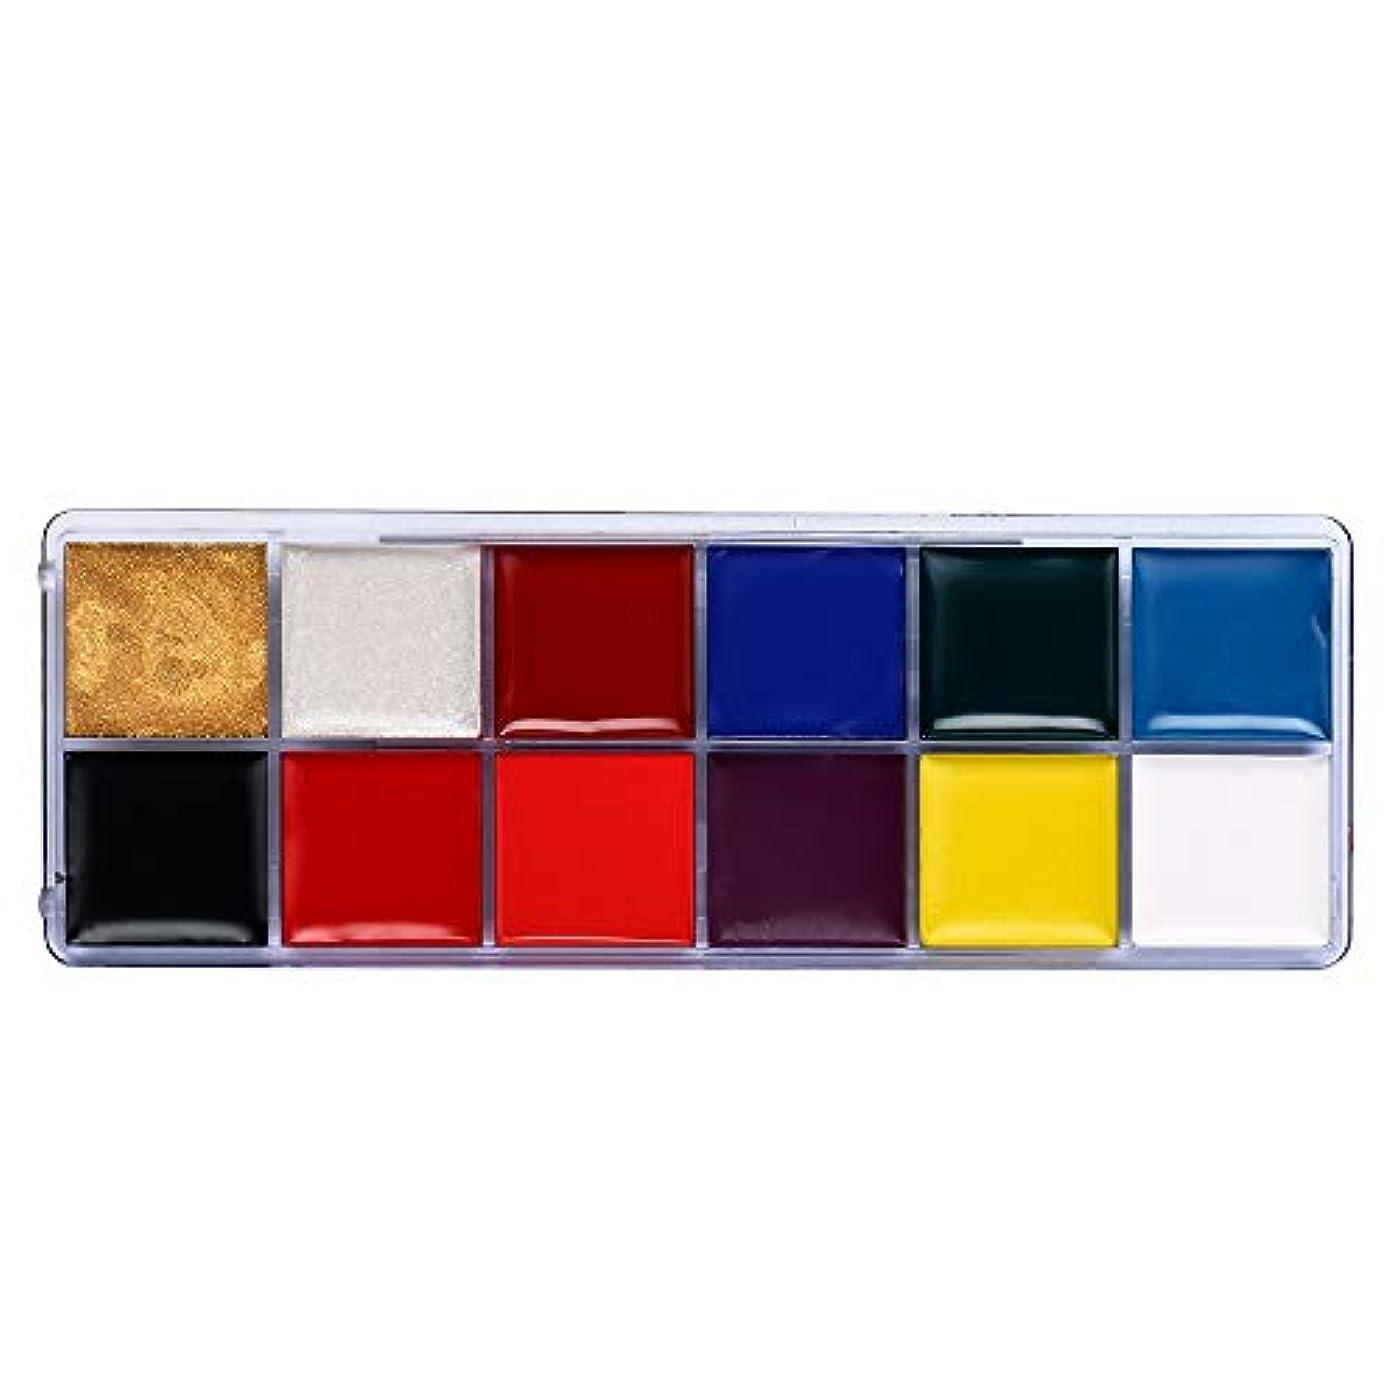 エクスタシー耕す丈夫12色ボディ塗装オイルカラードラマピエロハロウィンメイクアップフェイスカラー